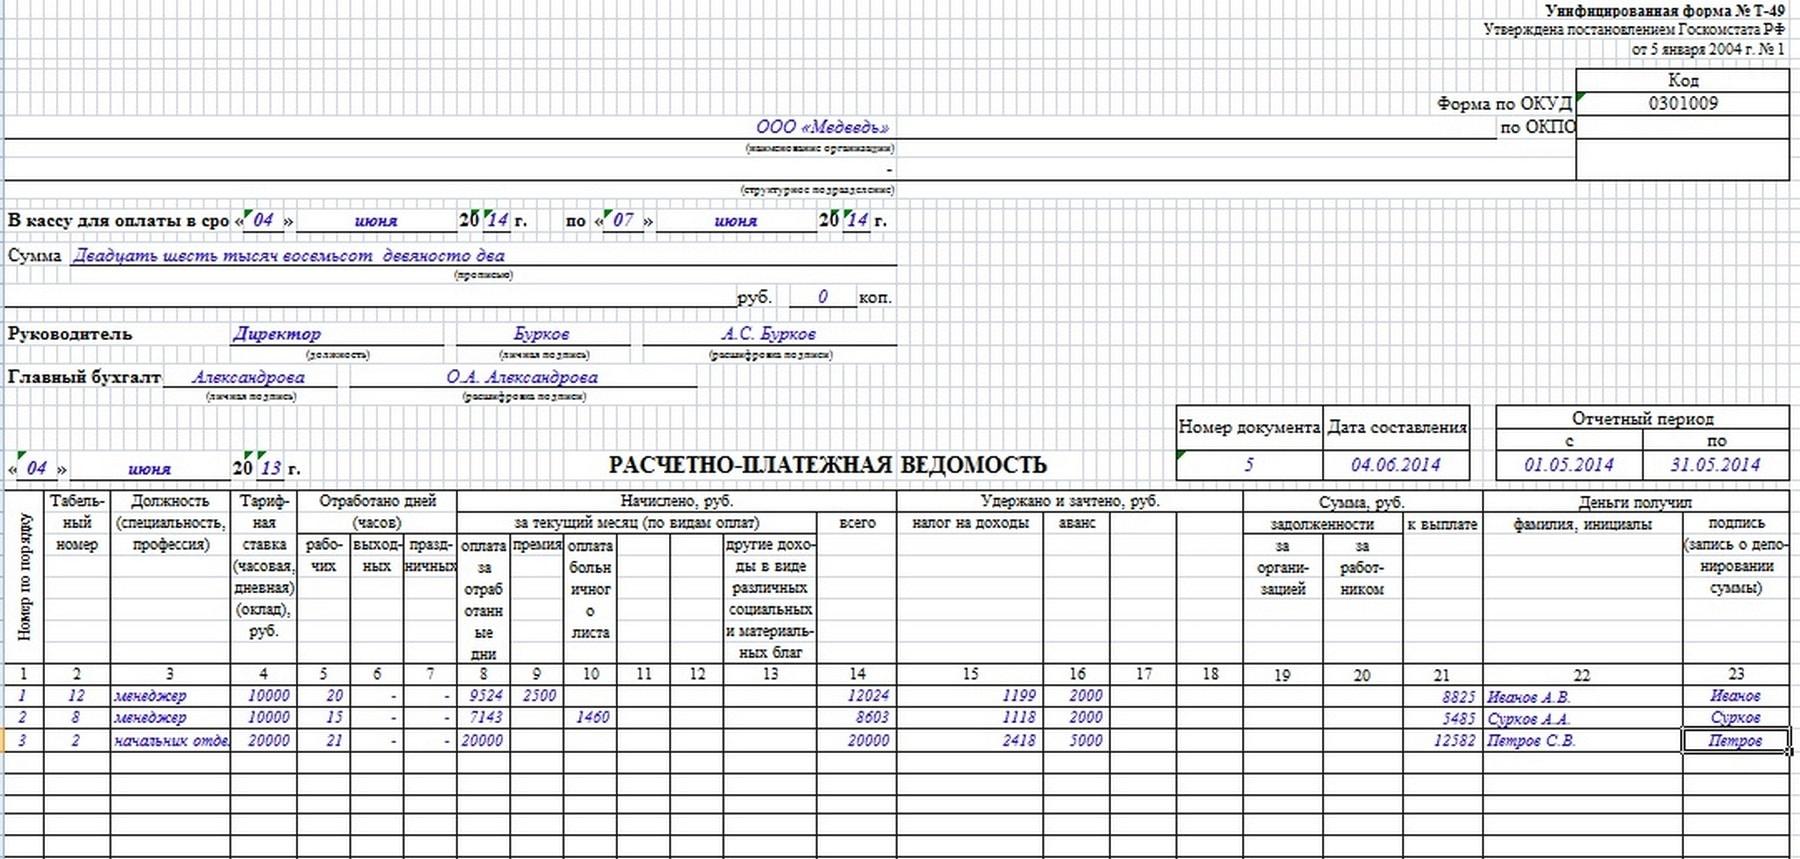 РАСЧЕТНО-ПЛАТЕЖНАЯ ВЕДОМОСТЬ ФОРМА Т-53 БЛАНК СКАЧАТЬ БЕСПЛАТНО